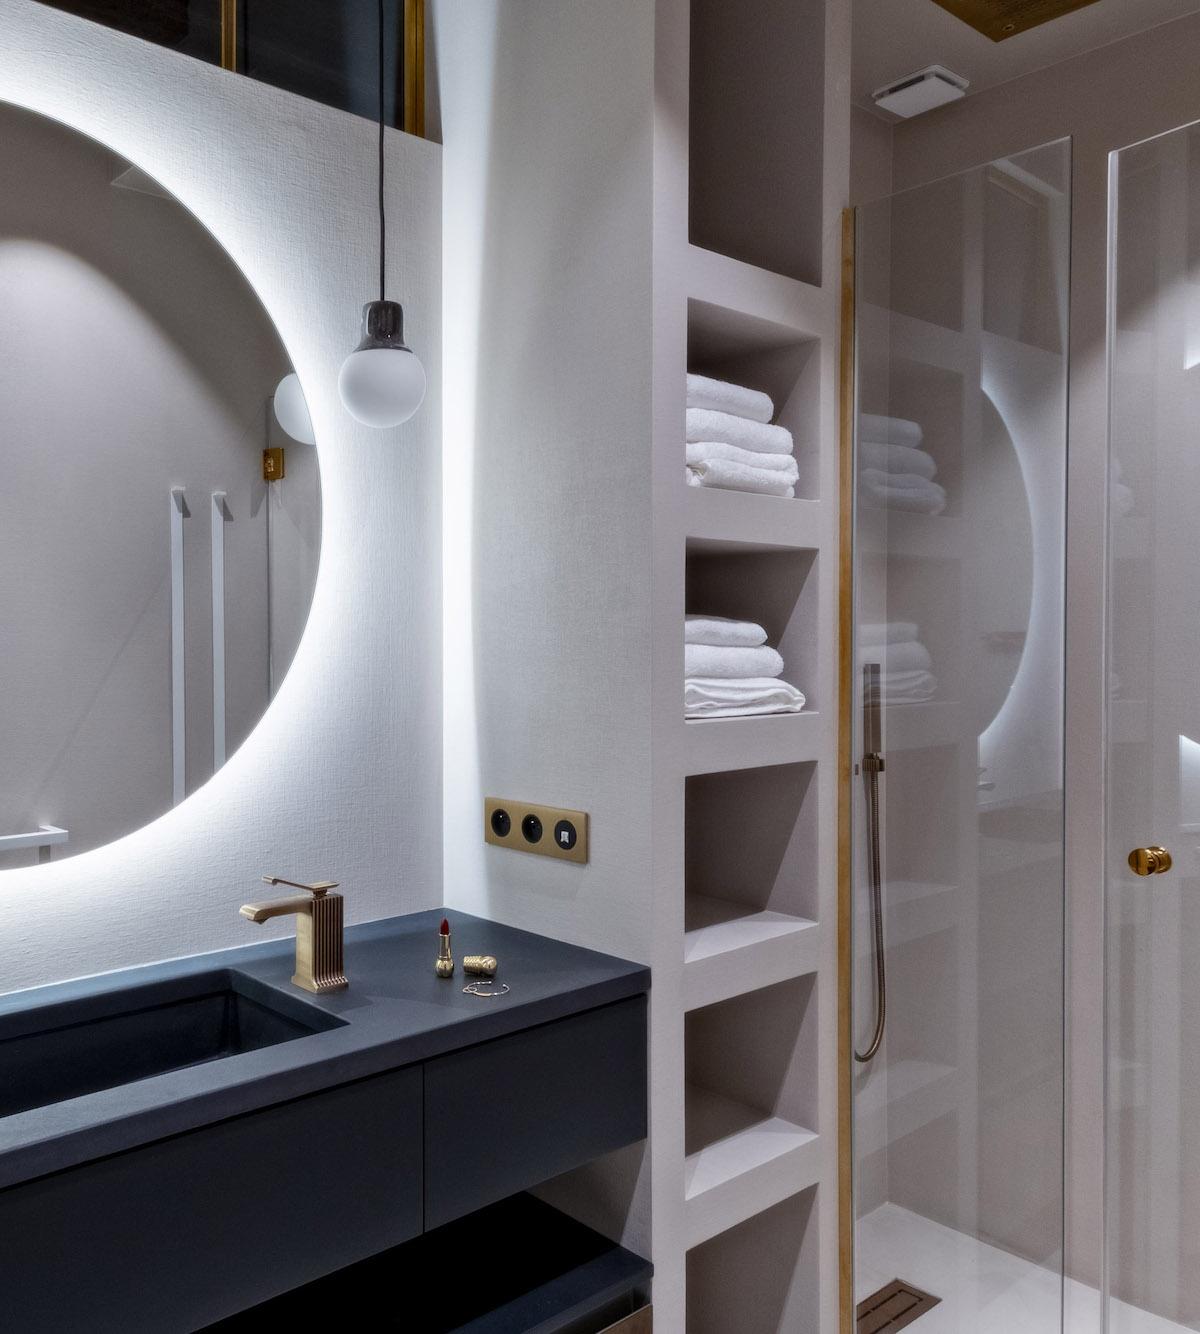 déco en bois salle de bain blanche moderne miroir rond led - blog déco - clem around the corner